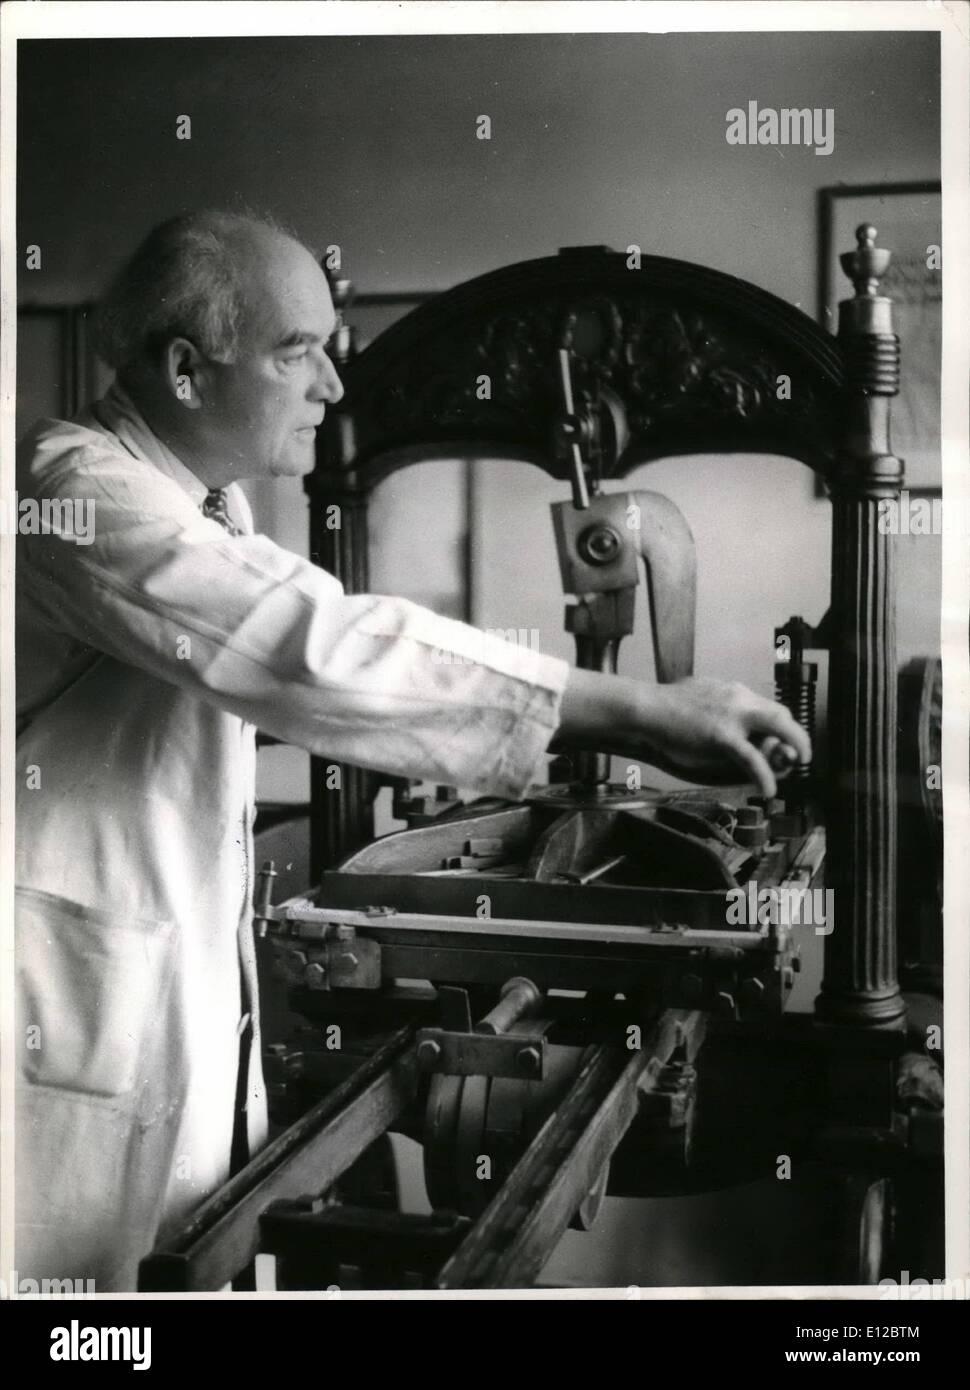 9. Dezember 2011 - The Munich Meister der Graphik und Holzstecher à ¢ Â'¬â ?? Josef Weiss immer noch an den ältesten drucken arbeitet Stockbild